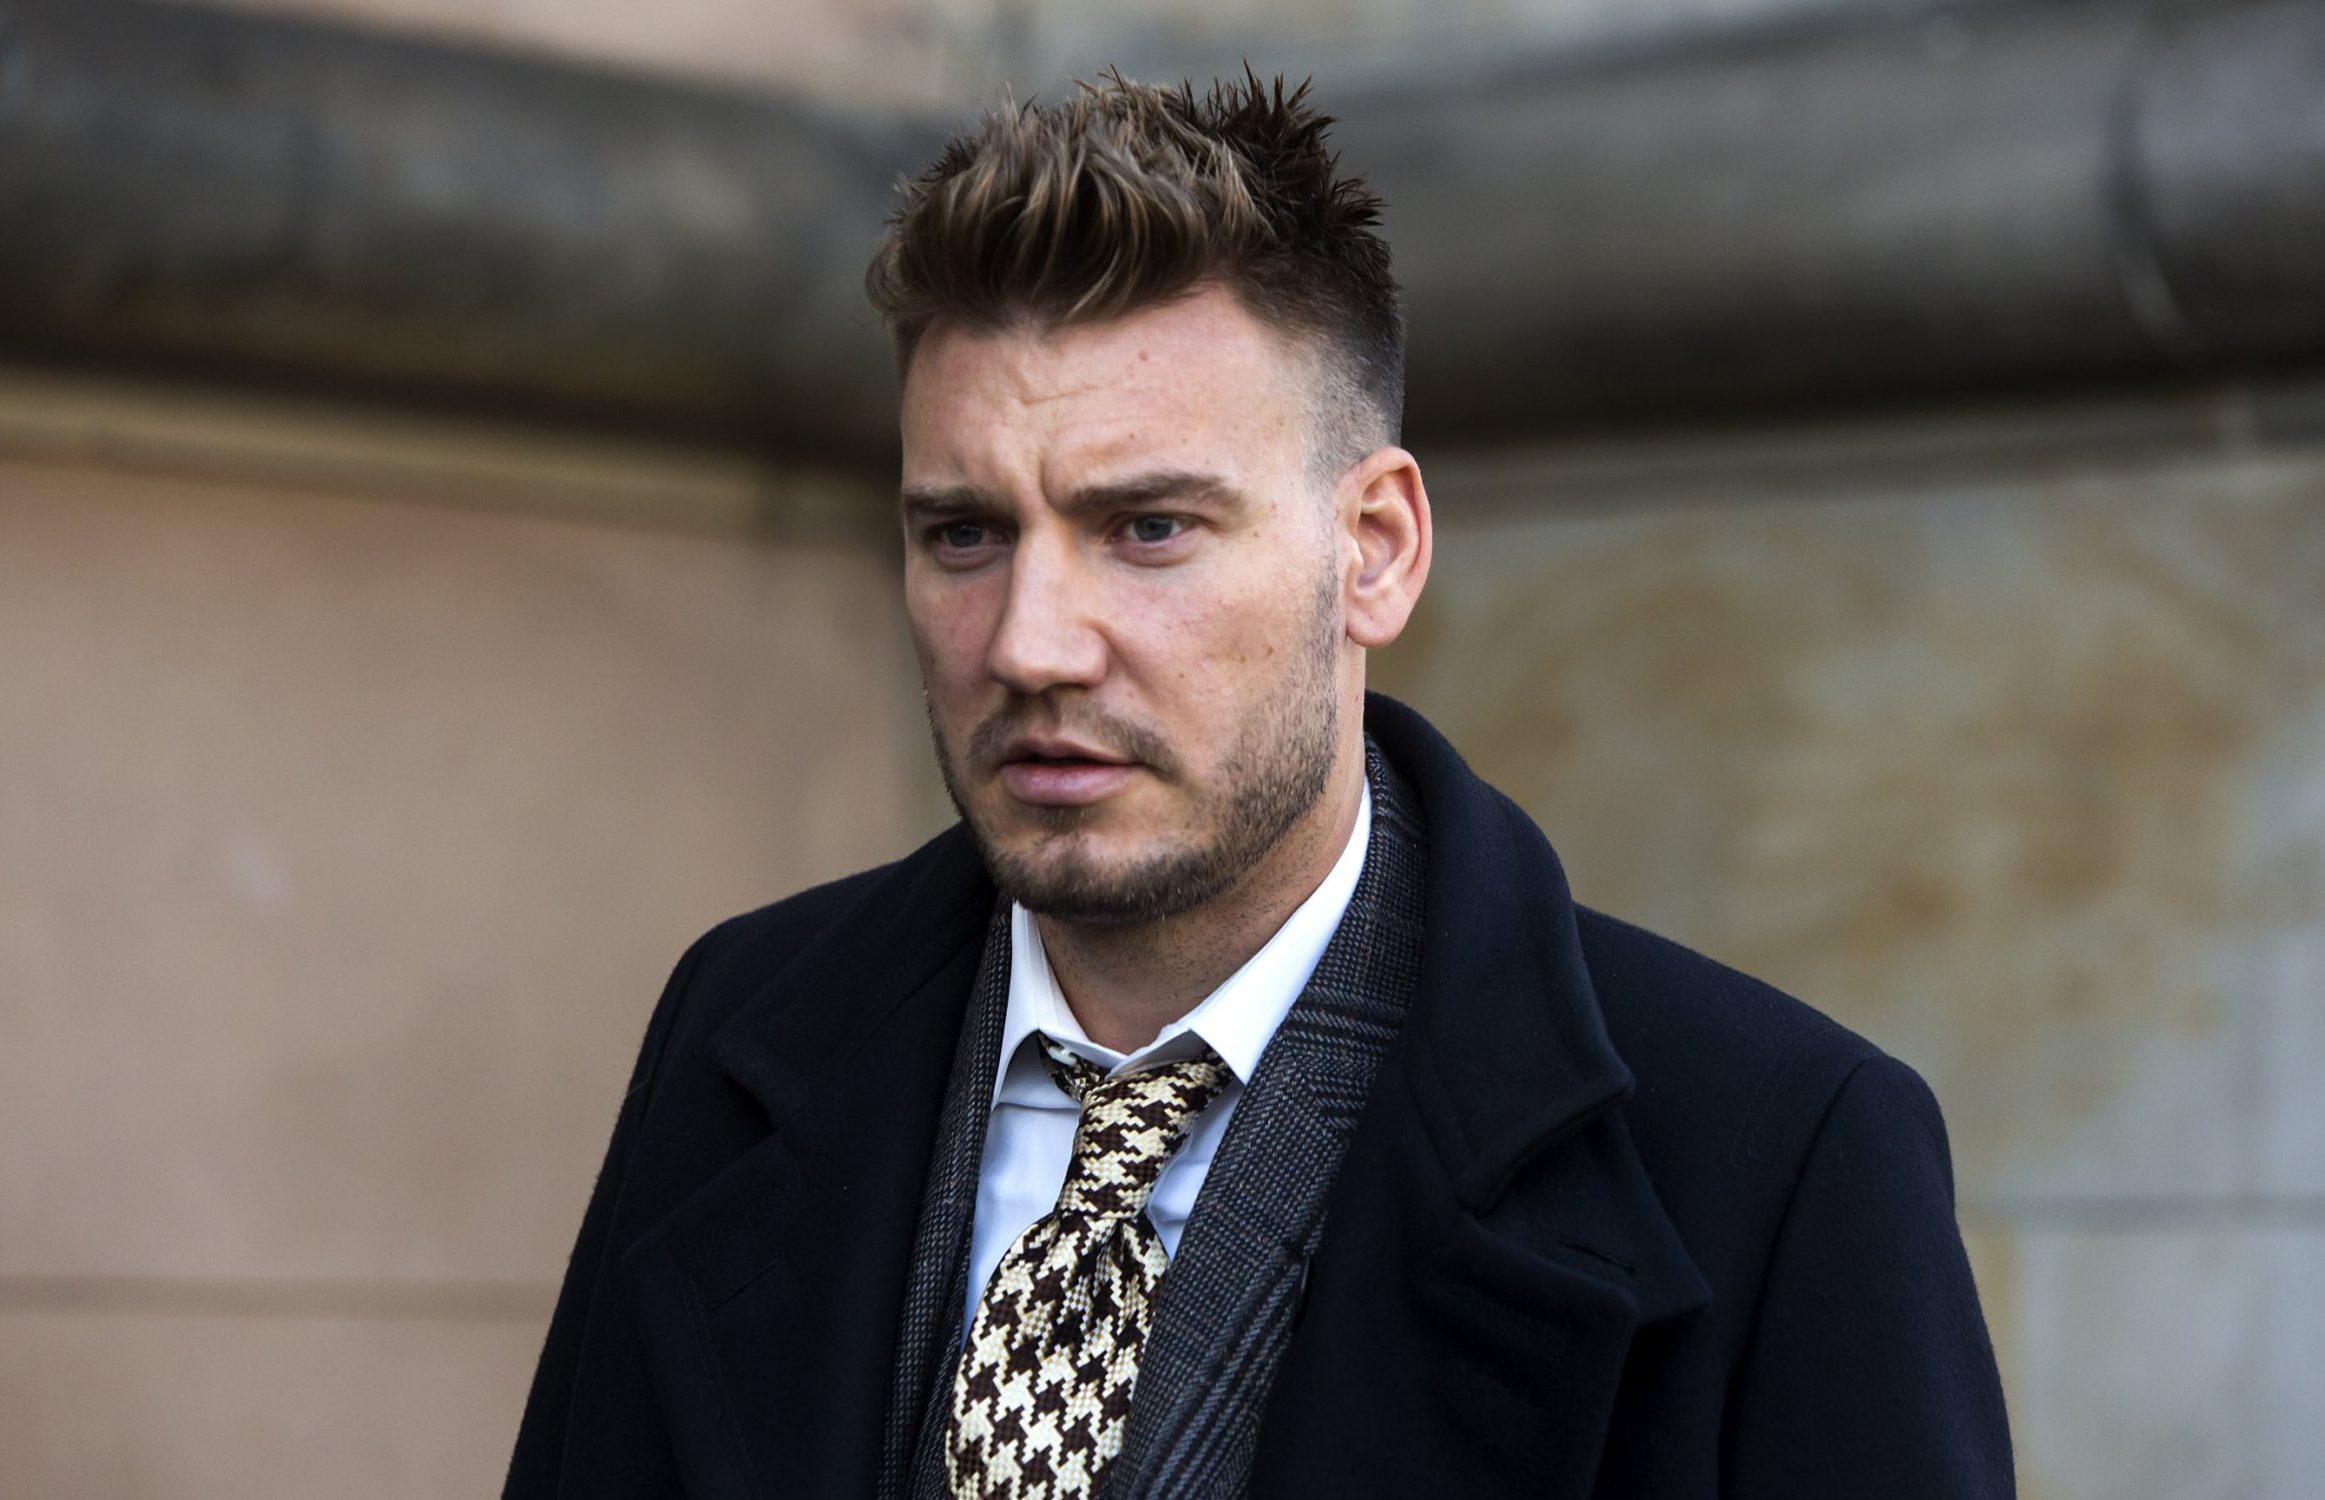 Ex-Arsenal striker Nicklas Bendtner to serve 50-day prison sentence for assaulting taxi driver